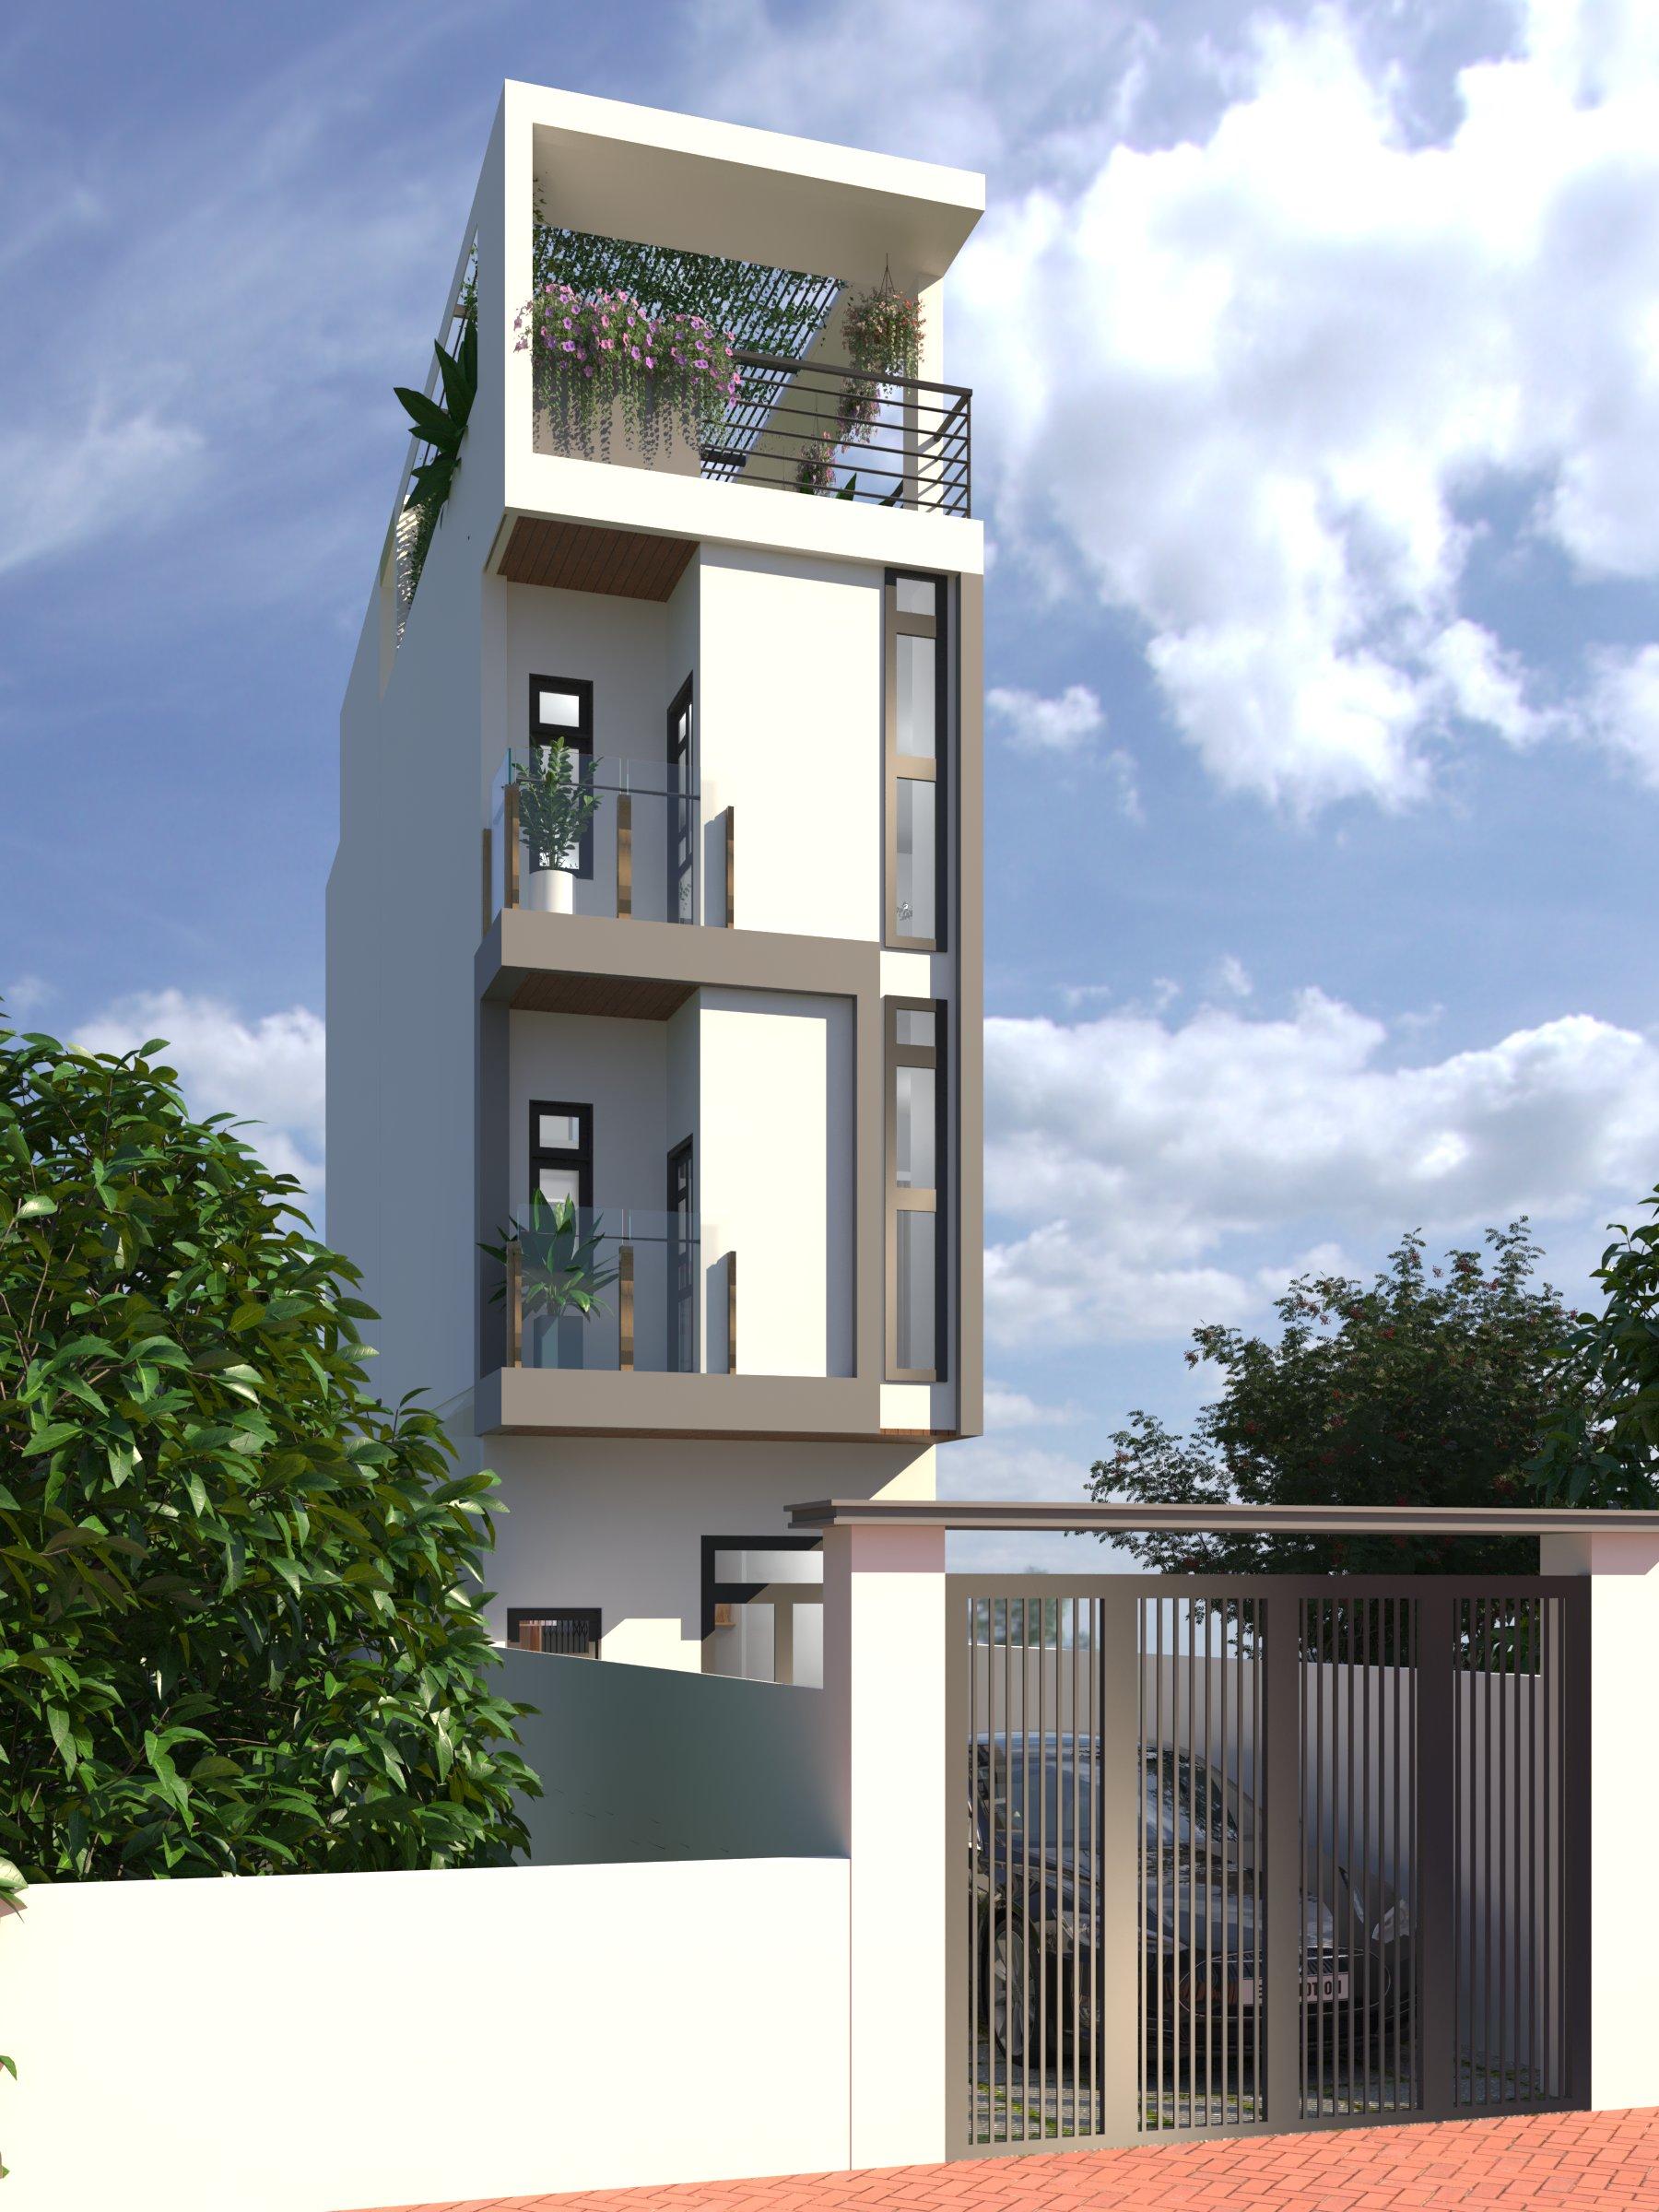 Thiết kế nội thất Nhà Mặt Phố tại Bình Dương Nhà ở riêng lẻ 1586098430 0